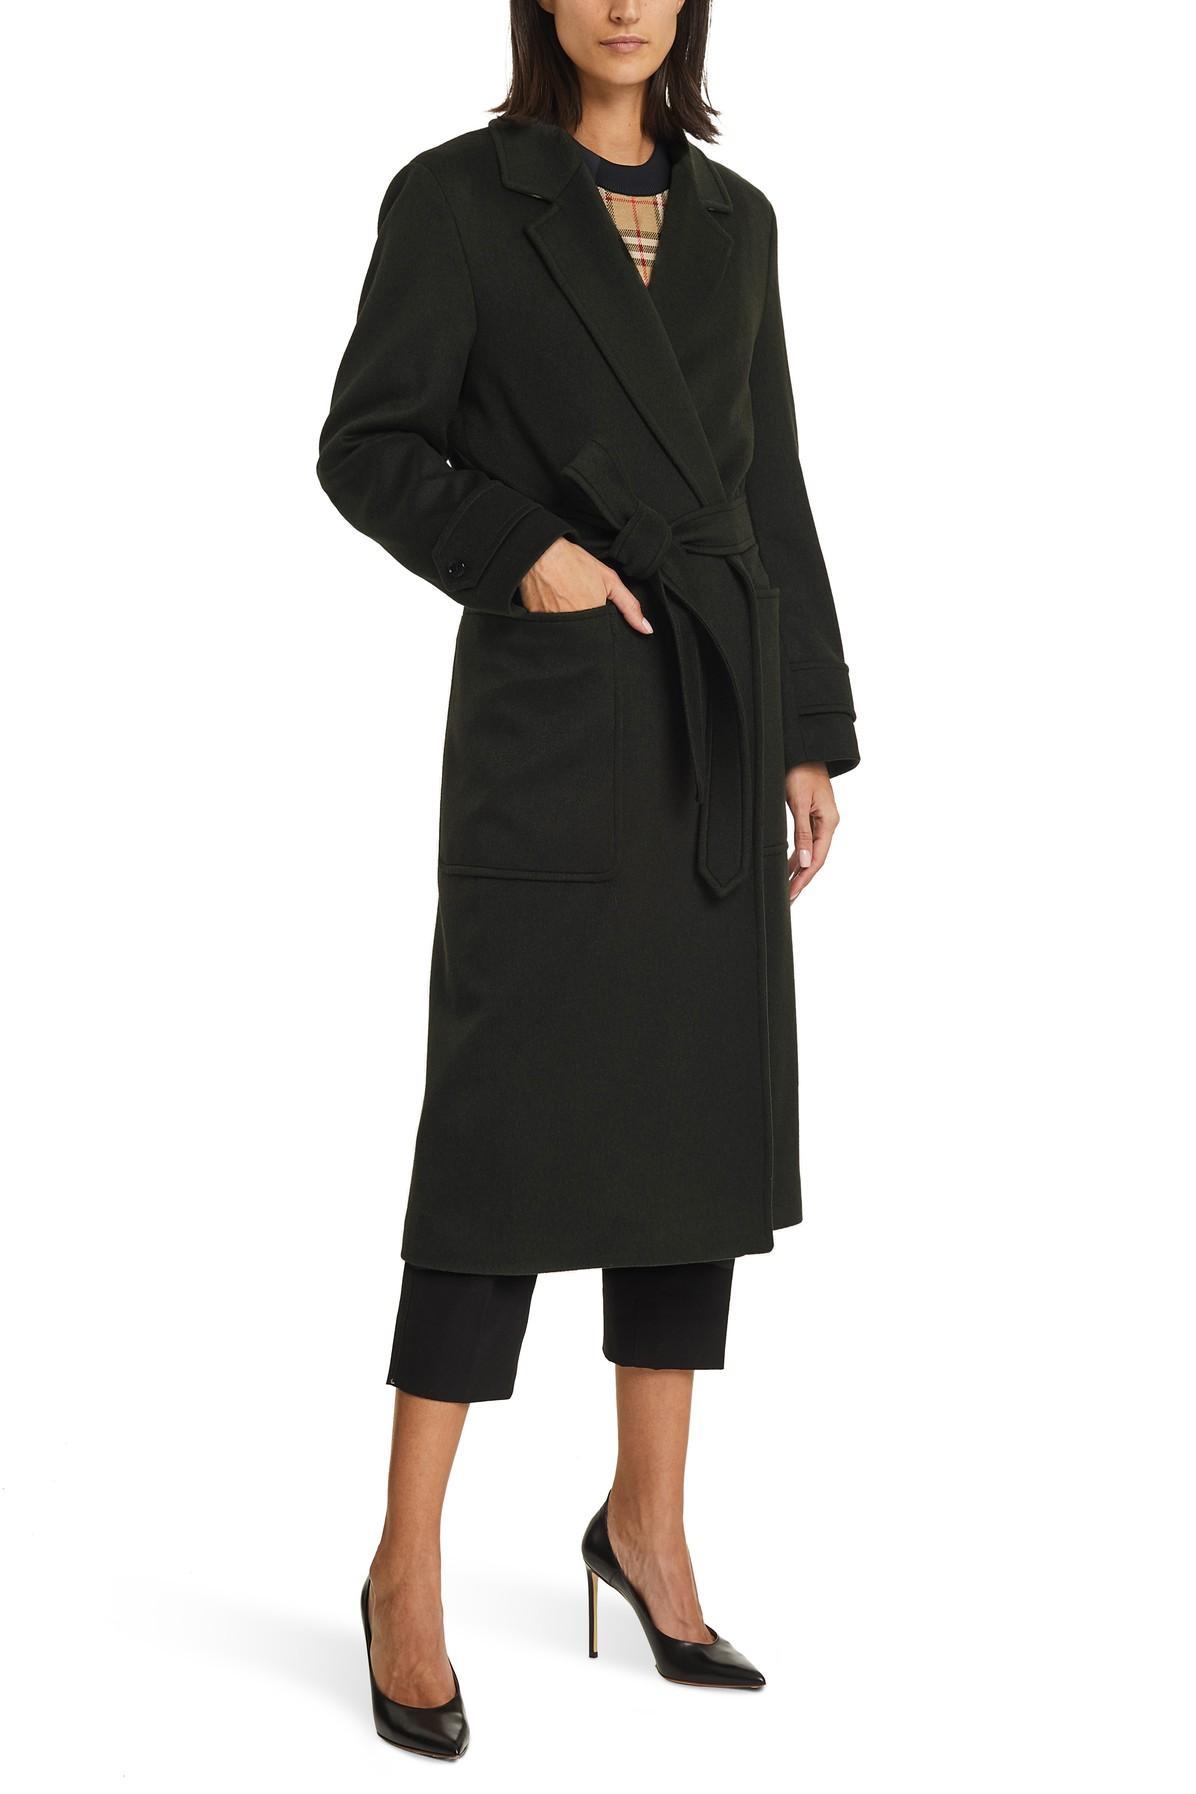 Manteau Sherringham Burberry en coloris Noir 8SEcm